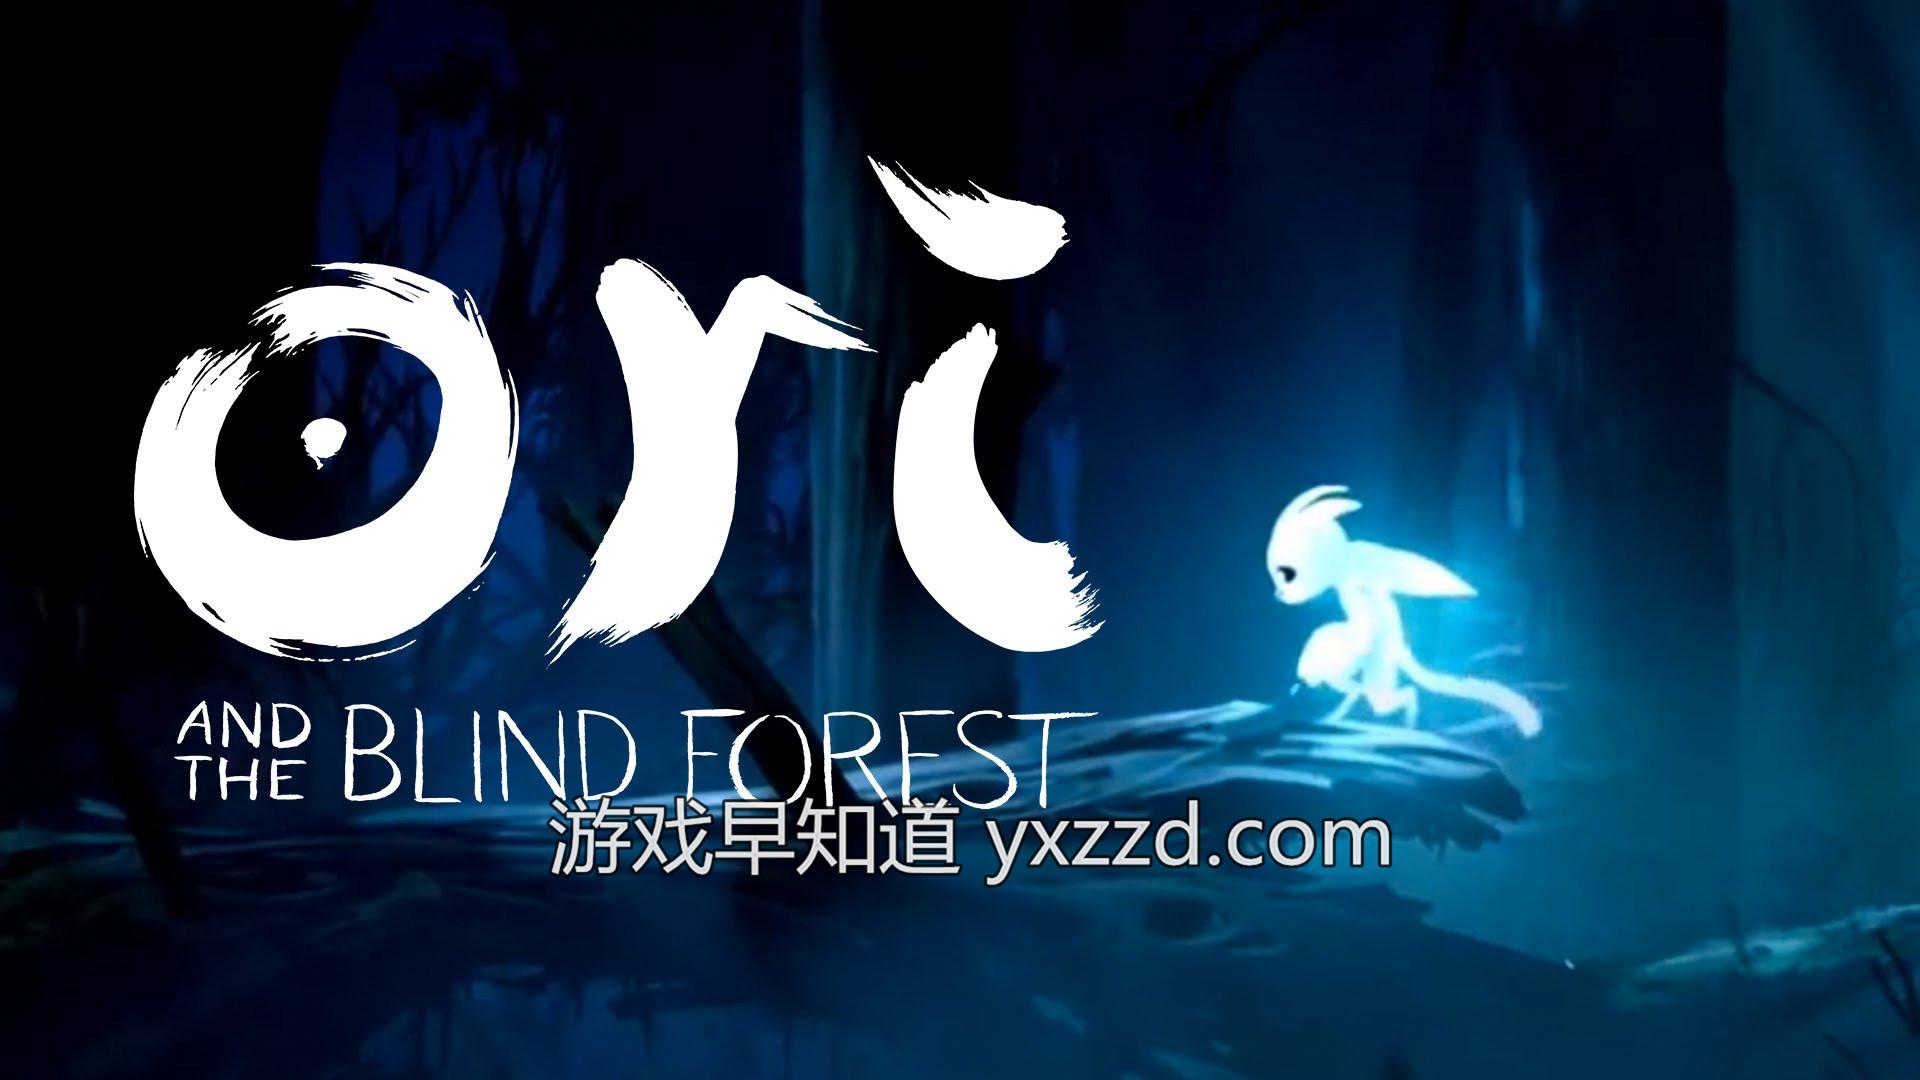 精灵与森林 ori and the blind forest